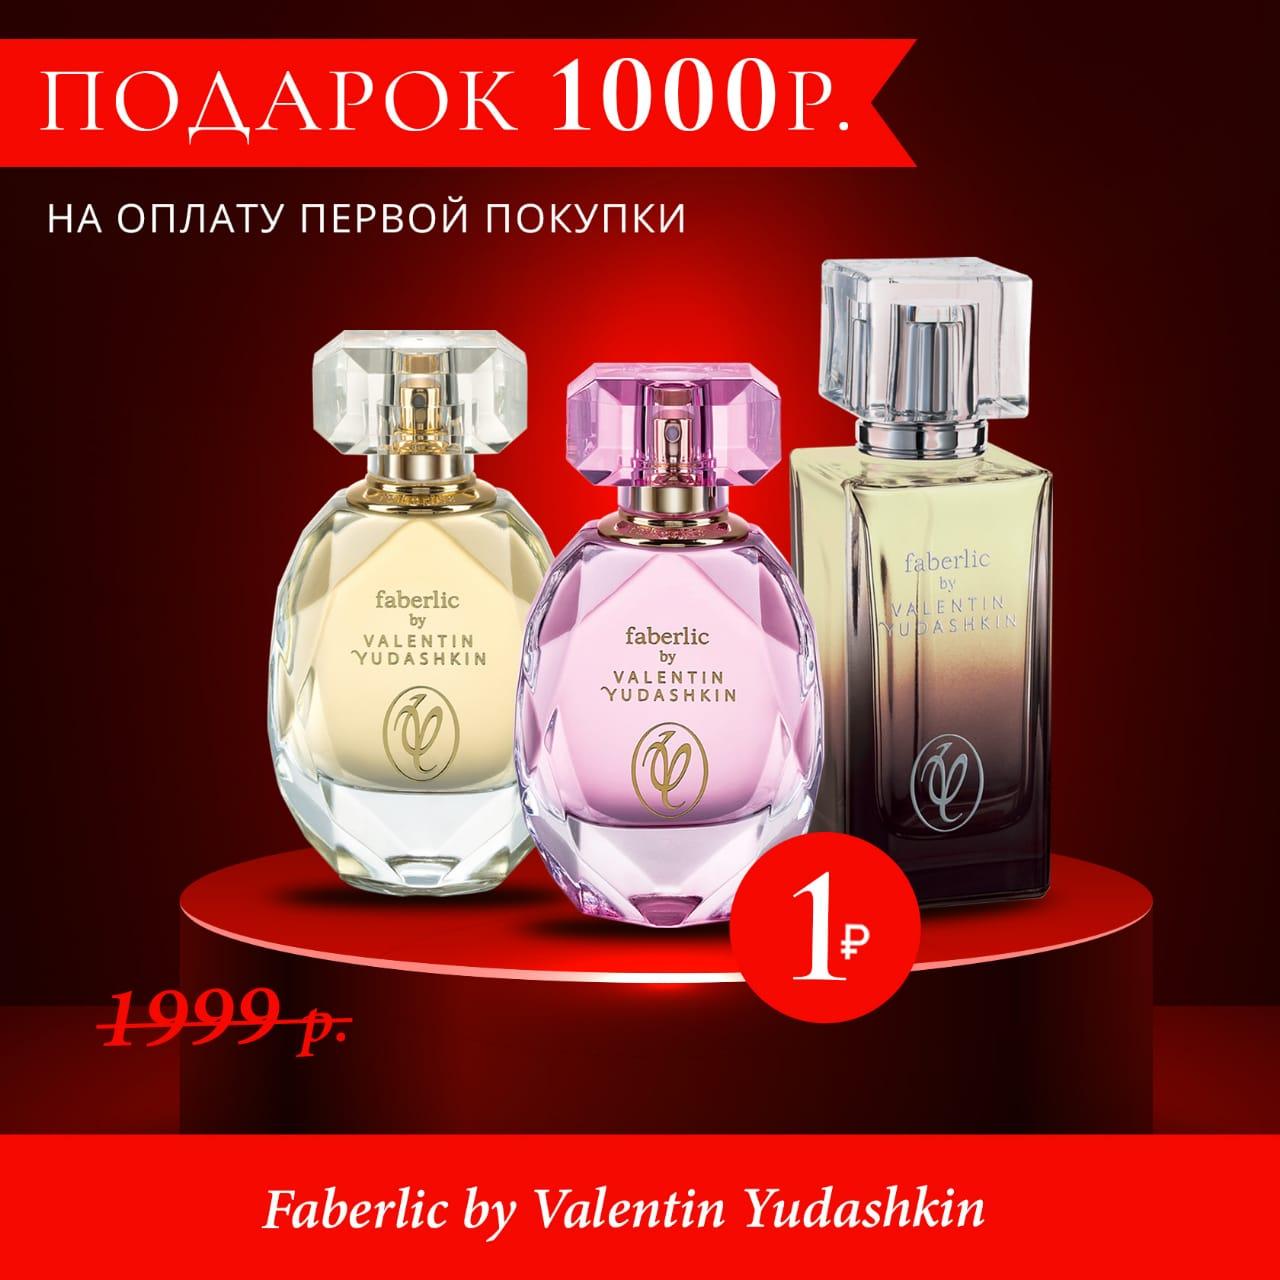 ЗАРЕГИСТРИРУЙСЯ в Faberlic до 24 февраля и ПОЛУЧИ 1000 рубле